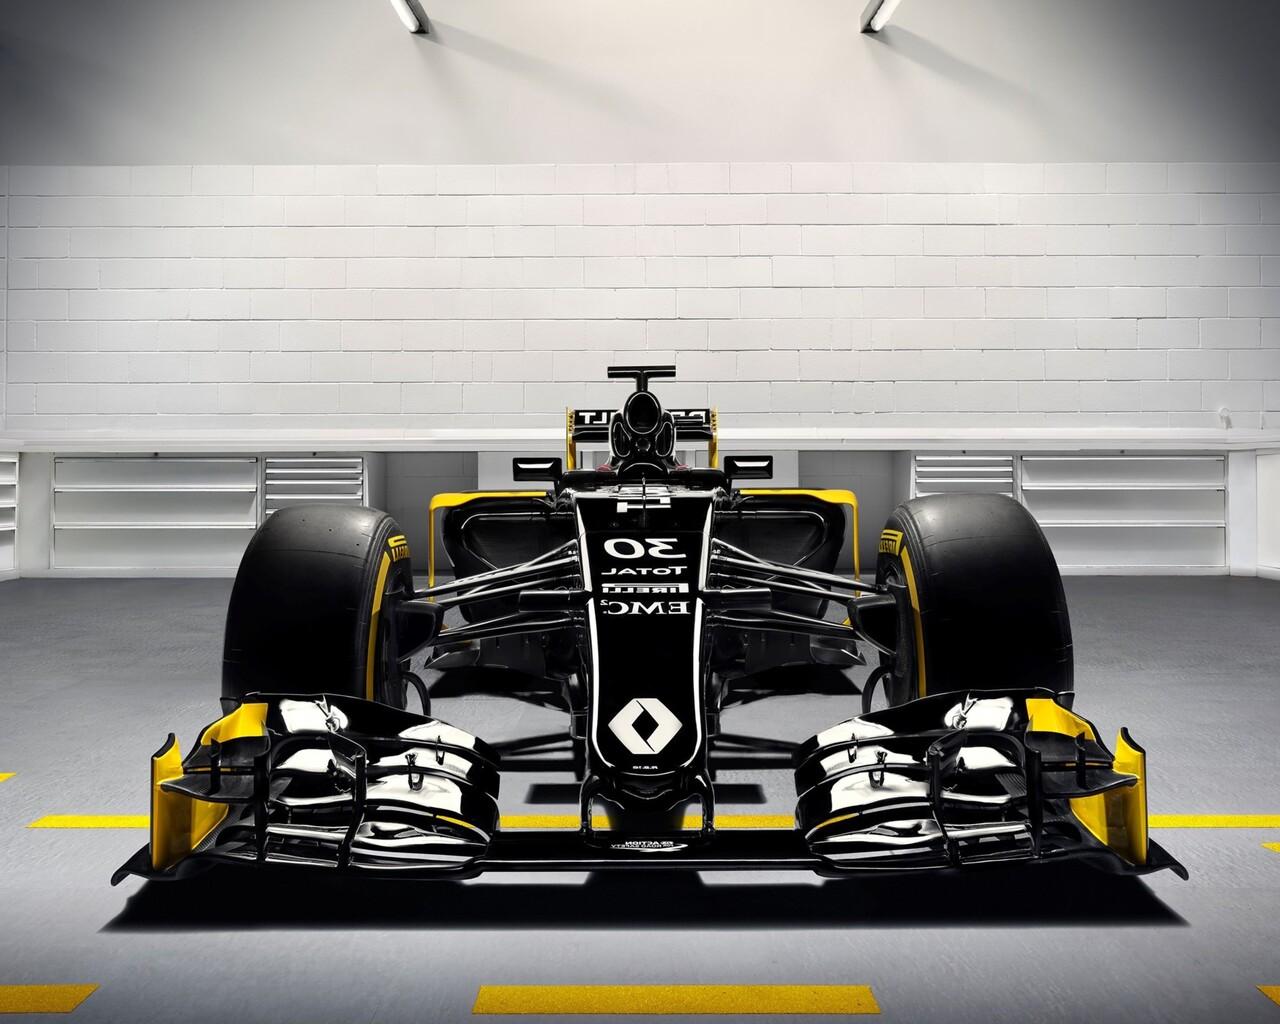 renault-rs16-formula-1-car.jpg